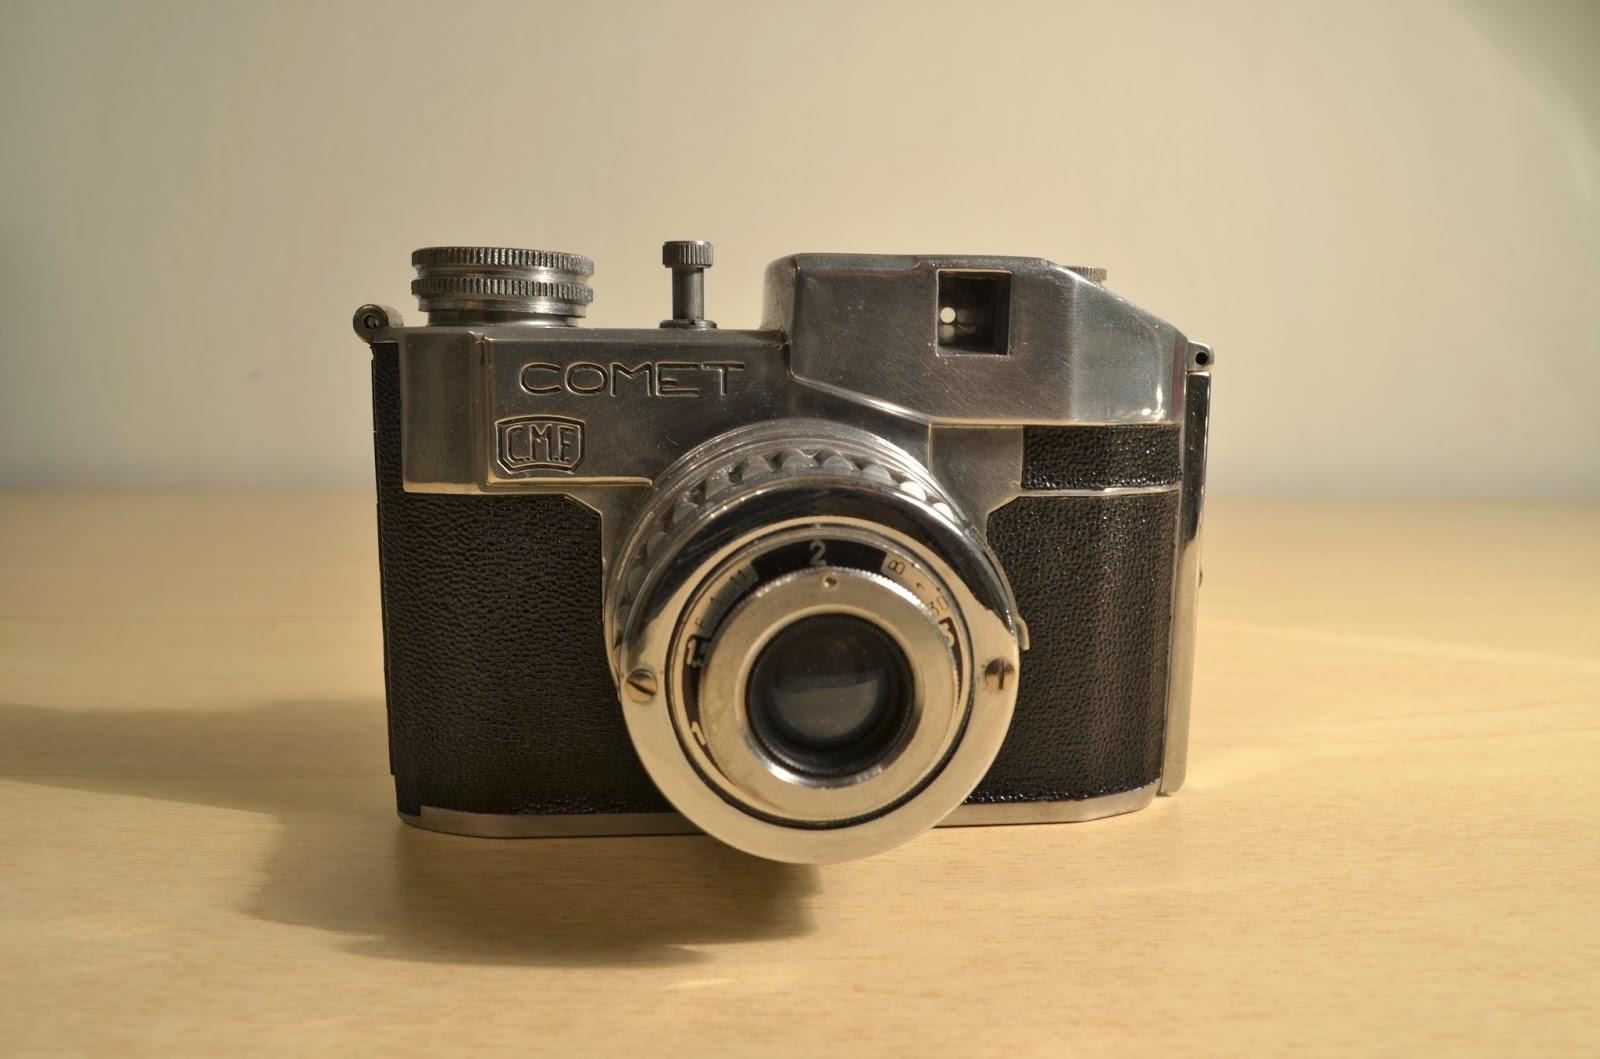 libretto istruzione foto camera comet s